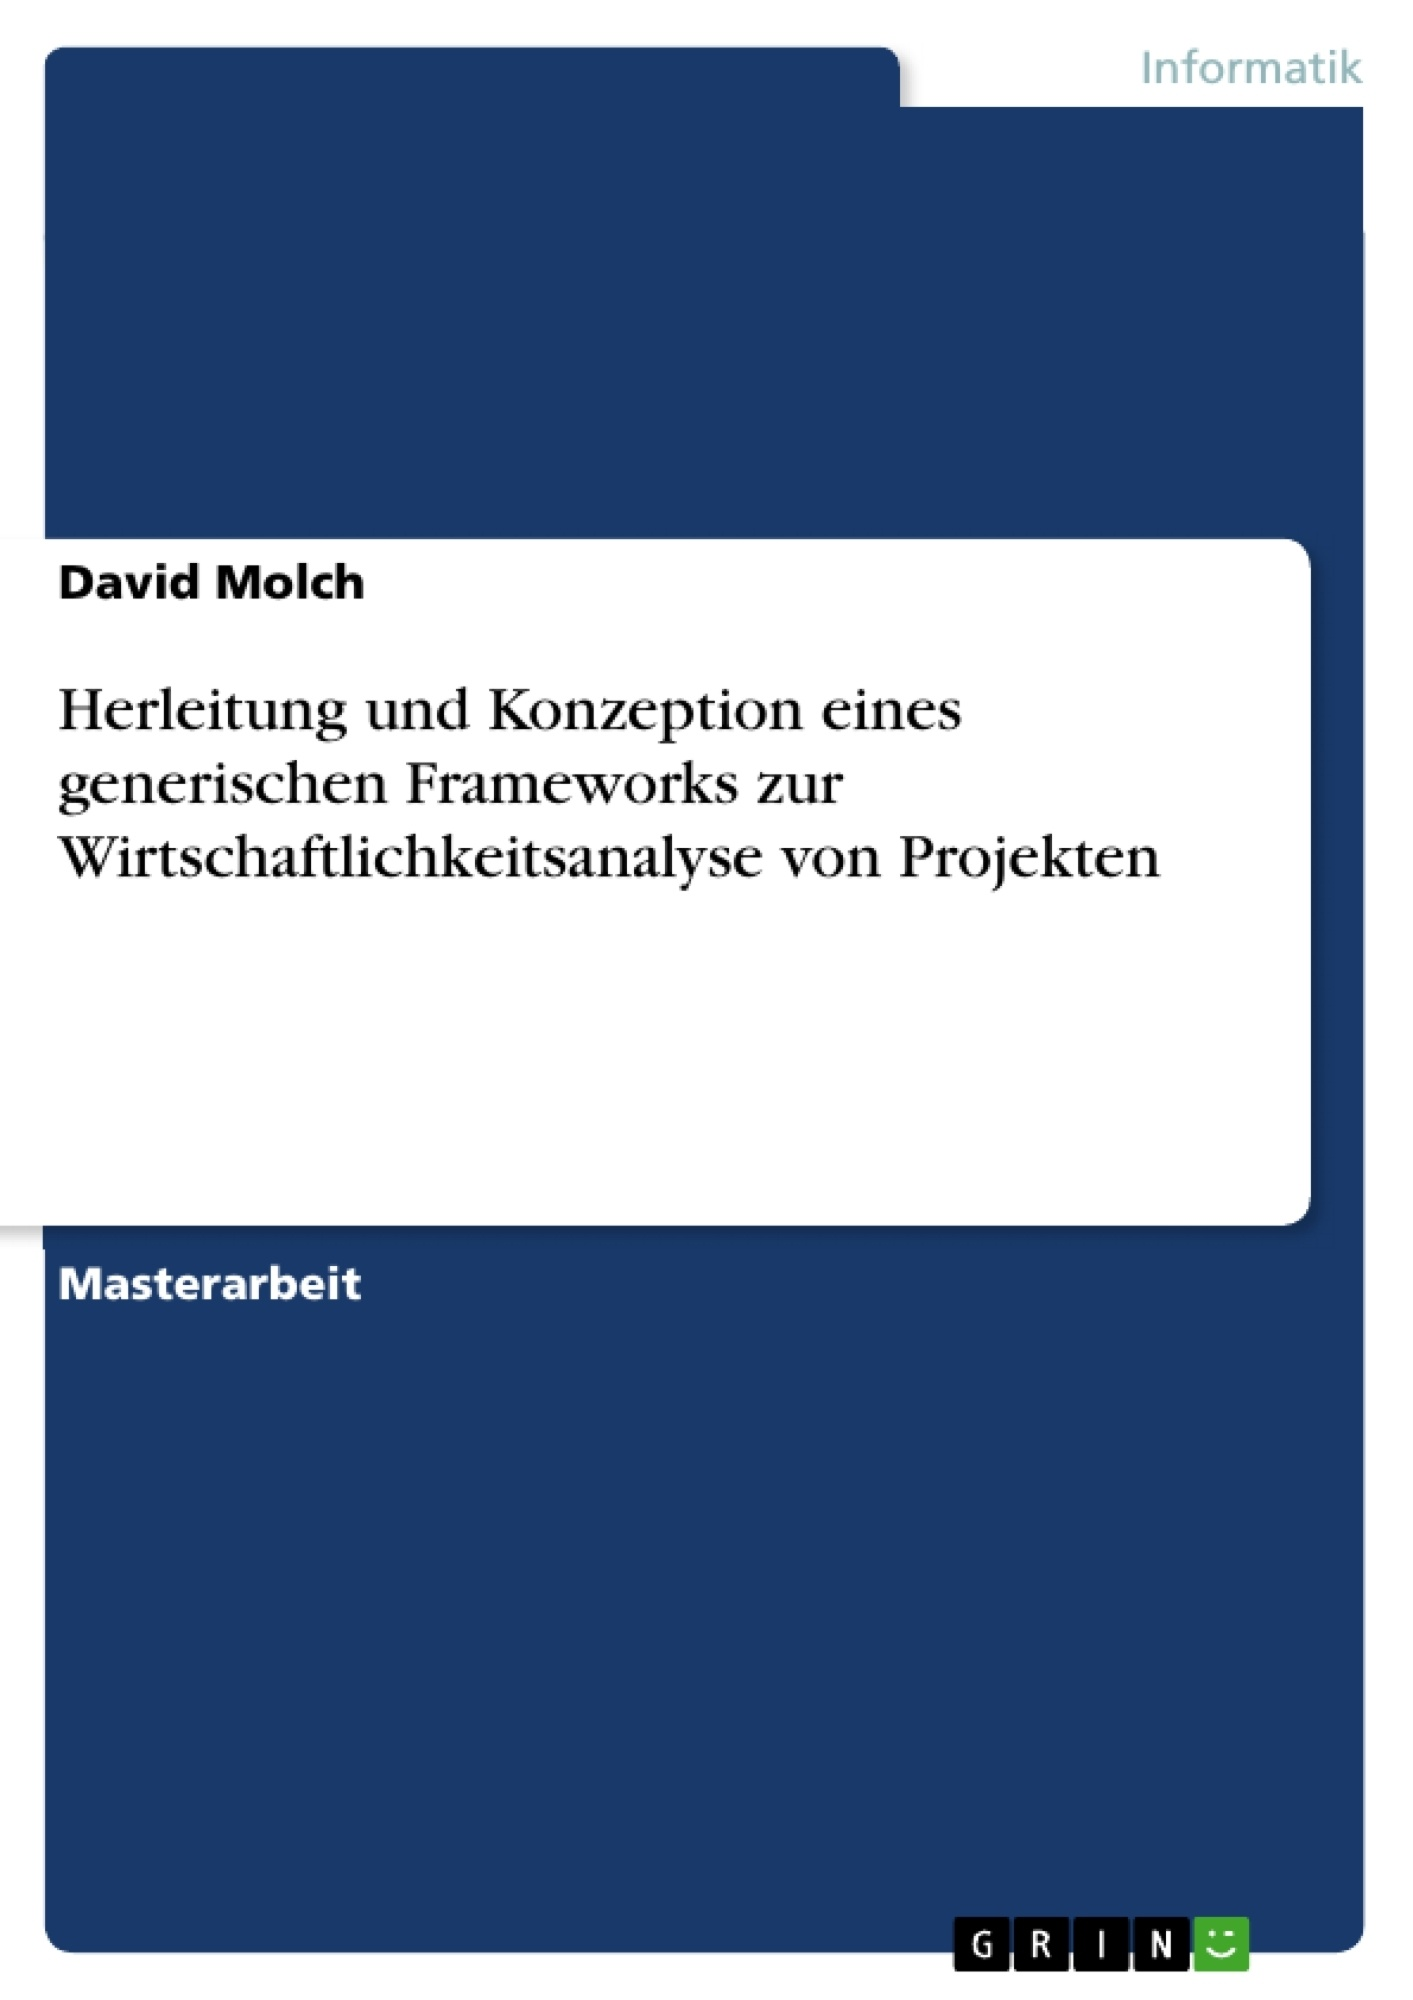 Titel: Herleitung und Konzeption eines generischen Frameworks zur Wirtschaftlichkeitsanalyse von Projekten